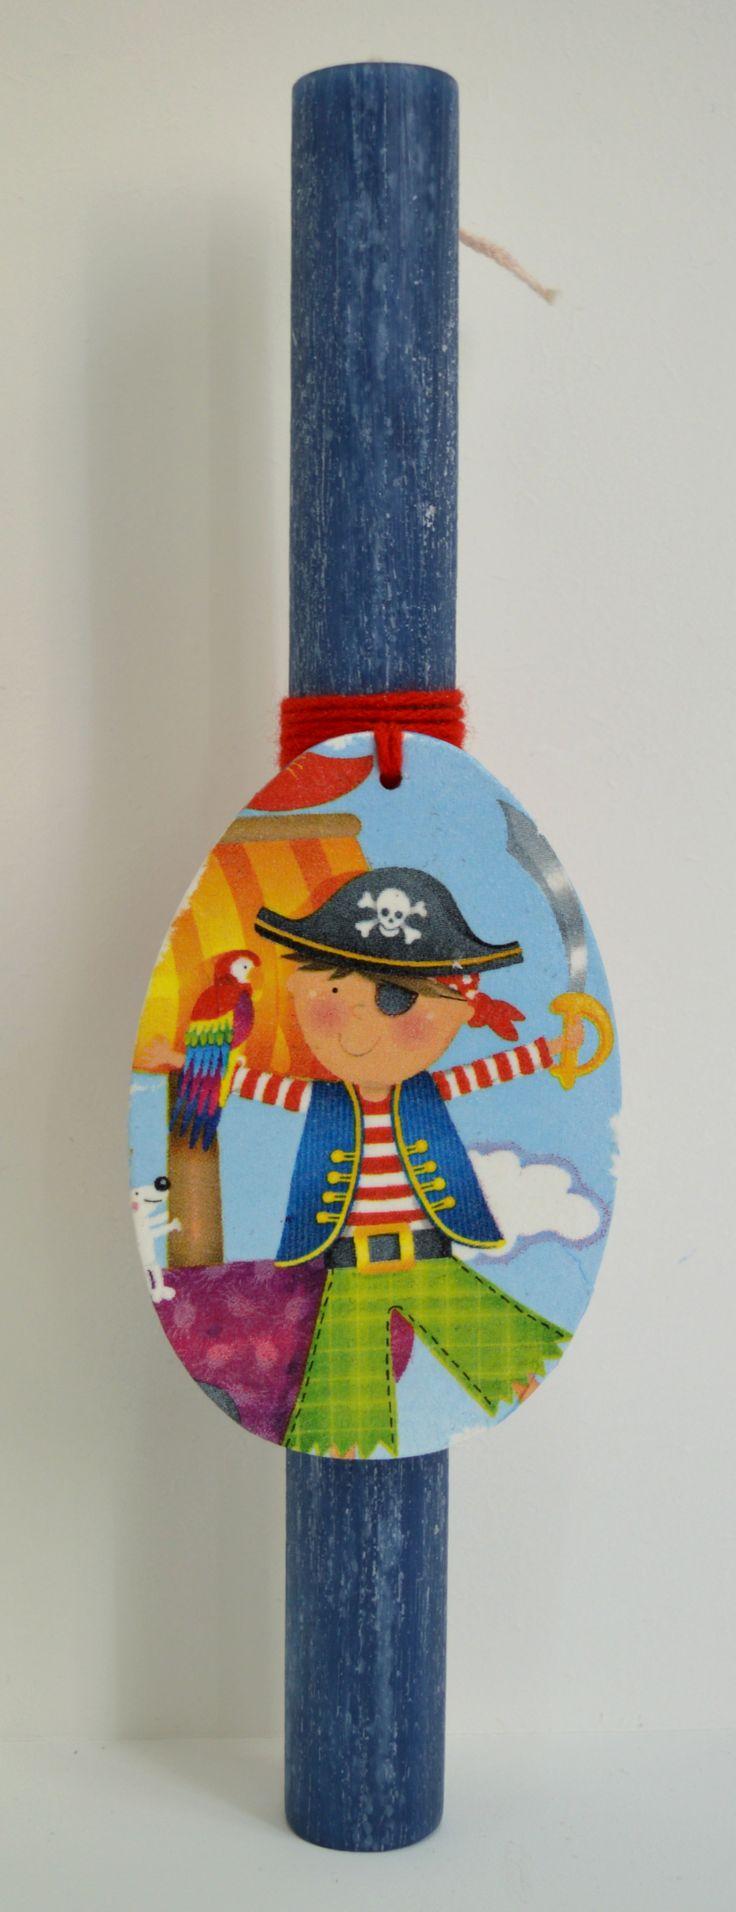 Jack Sparrow as a kid!